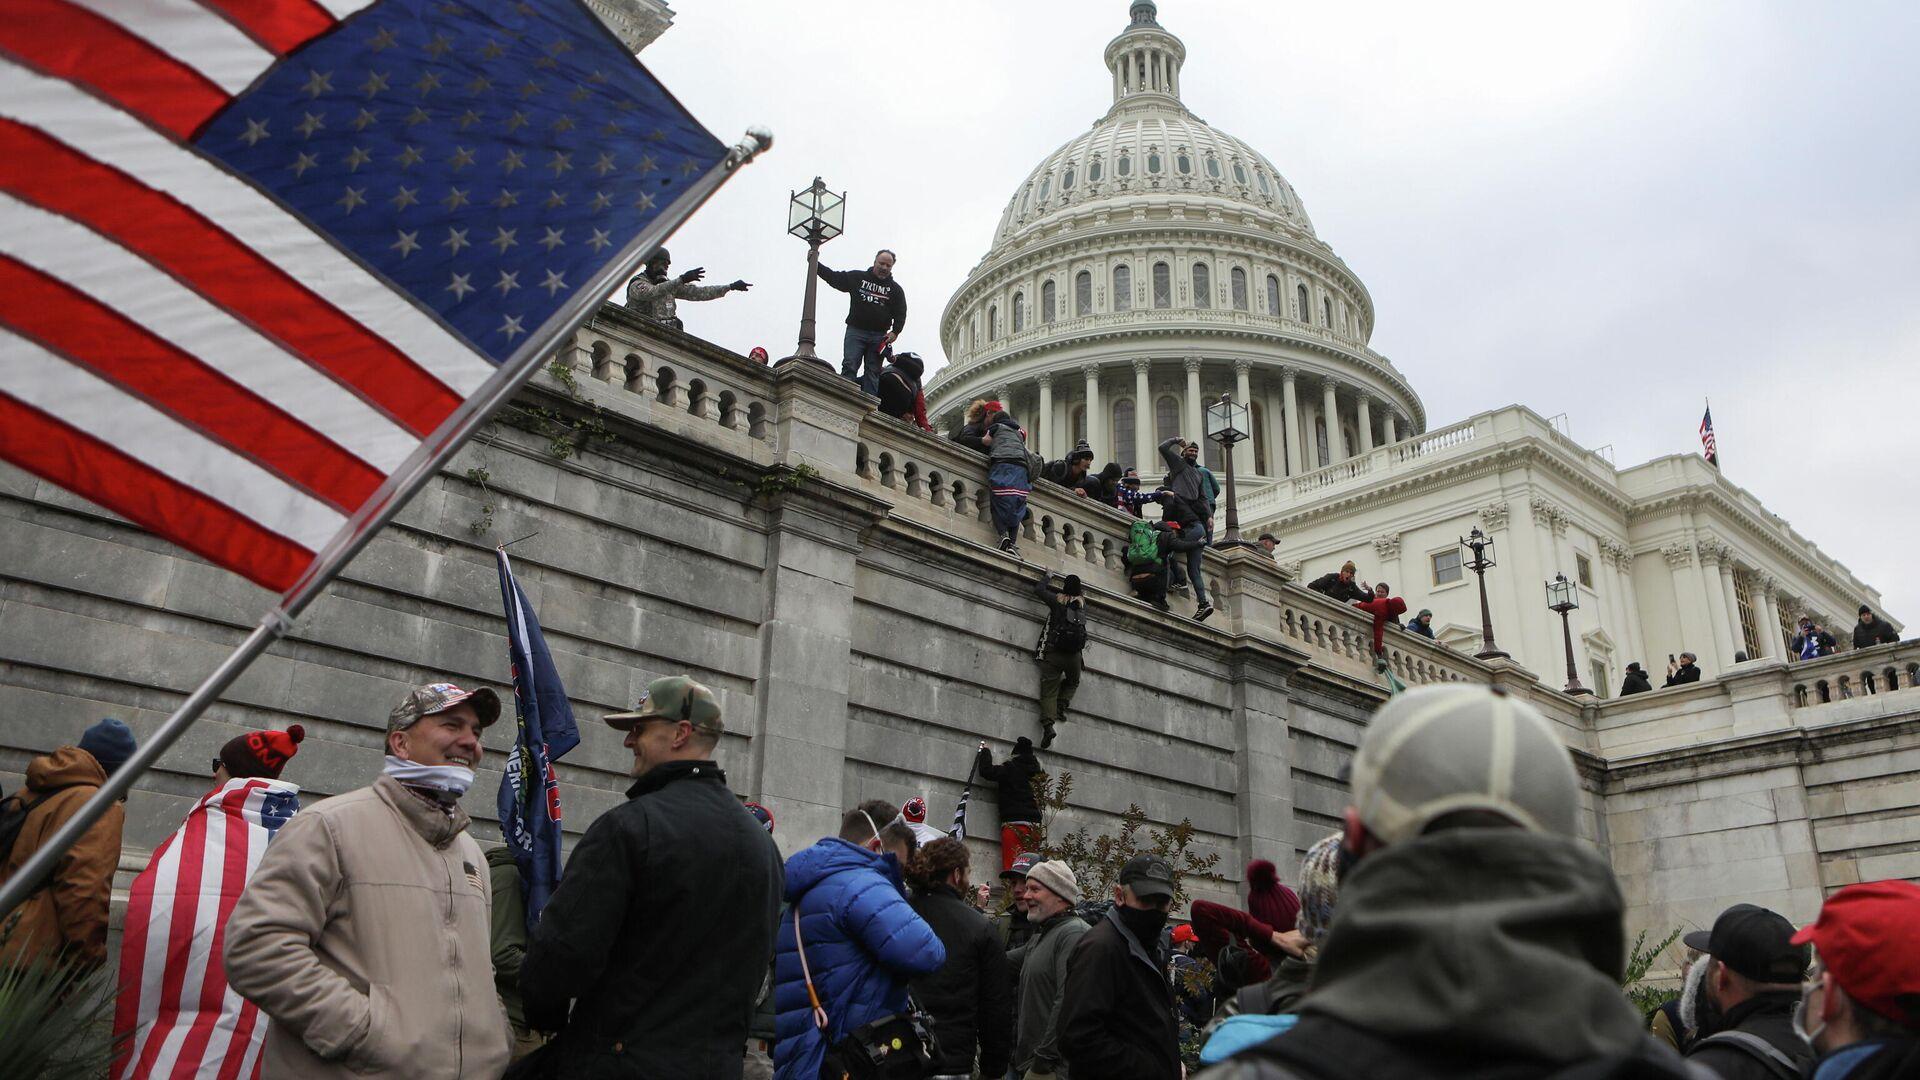 Сторонники президента США Дональда Трампа во время протеста против результатов выборов - РИА Новости, 1920, 07.01.2021